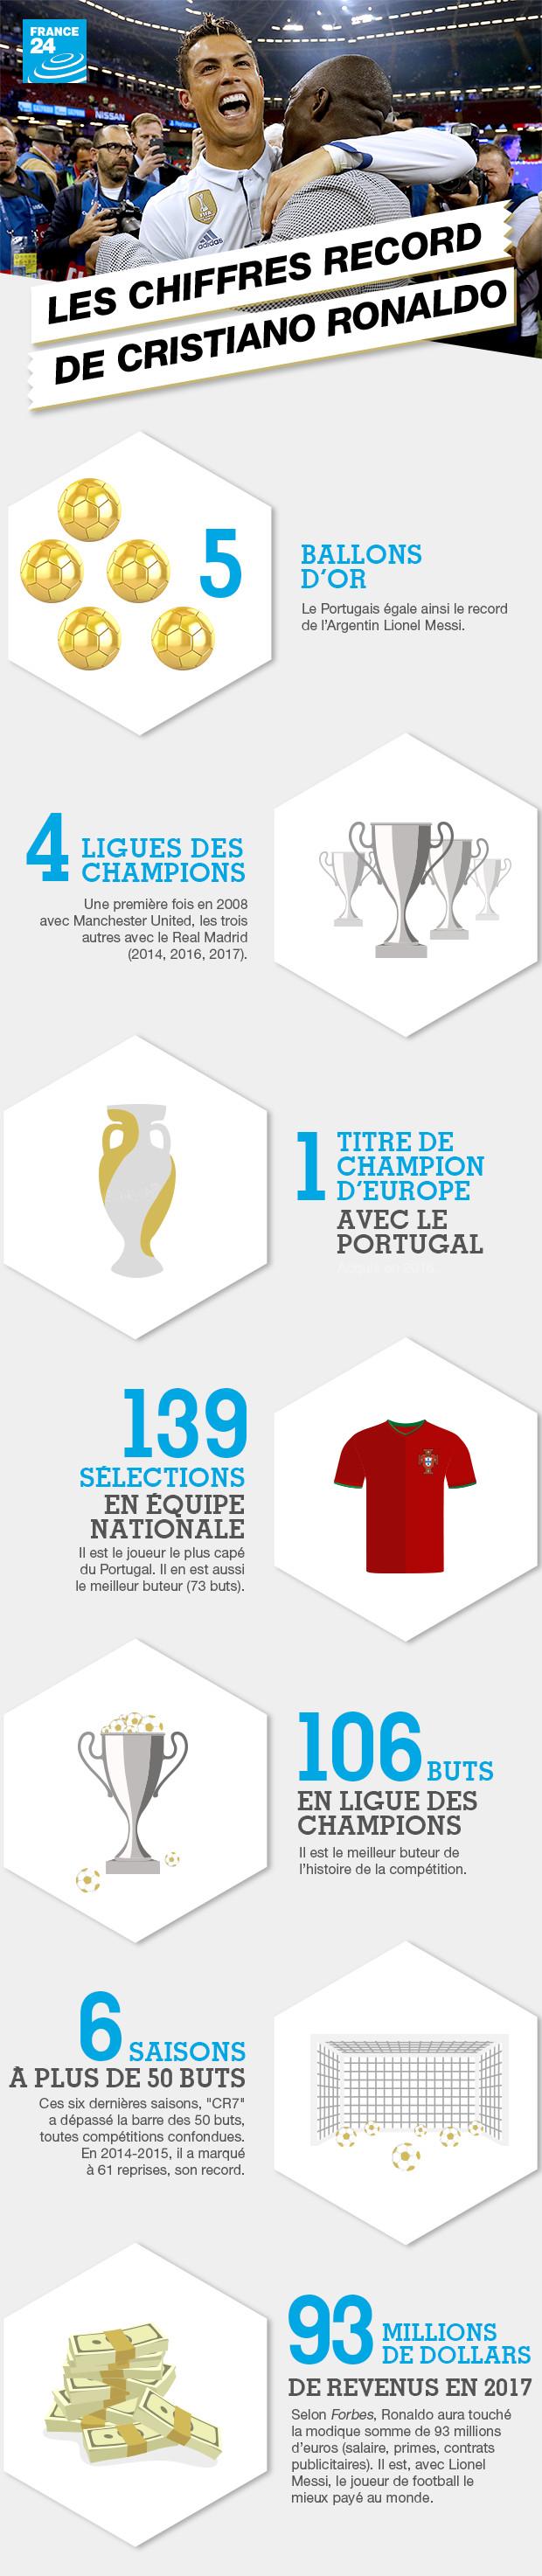 Cristiano Ronaldo en chiffres...